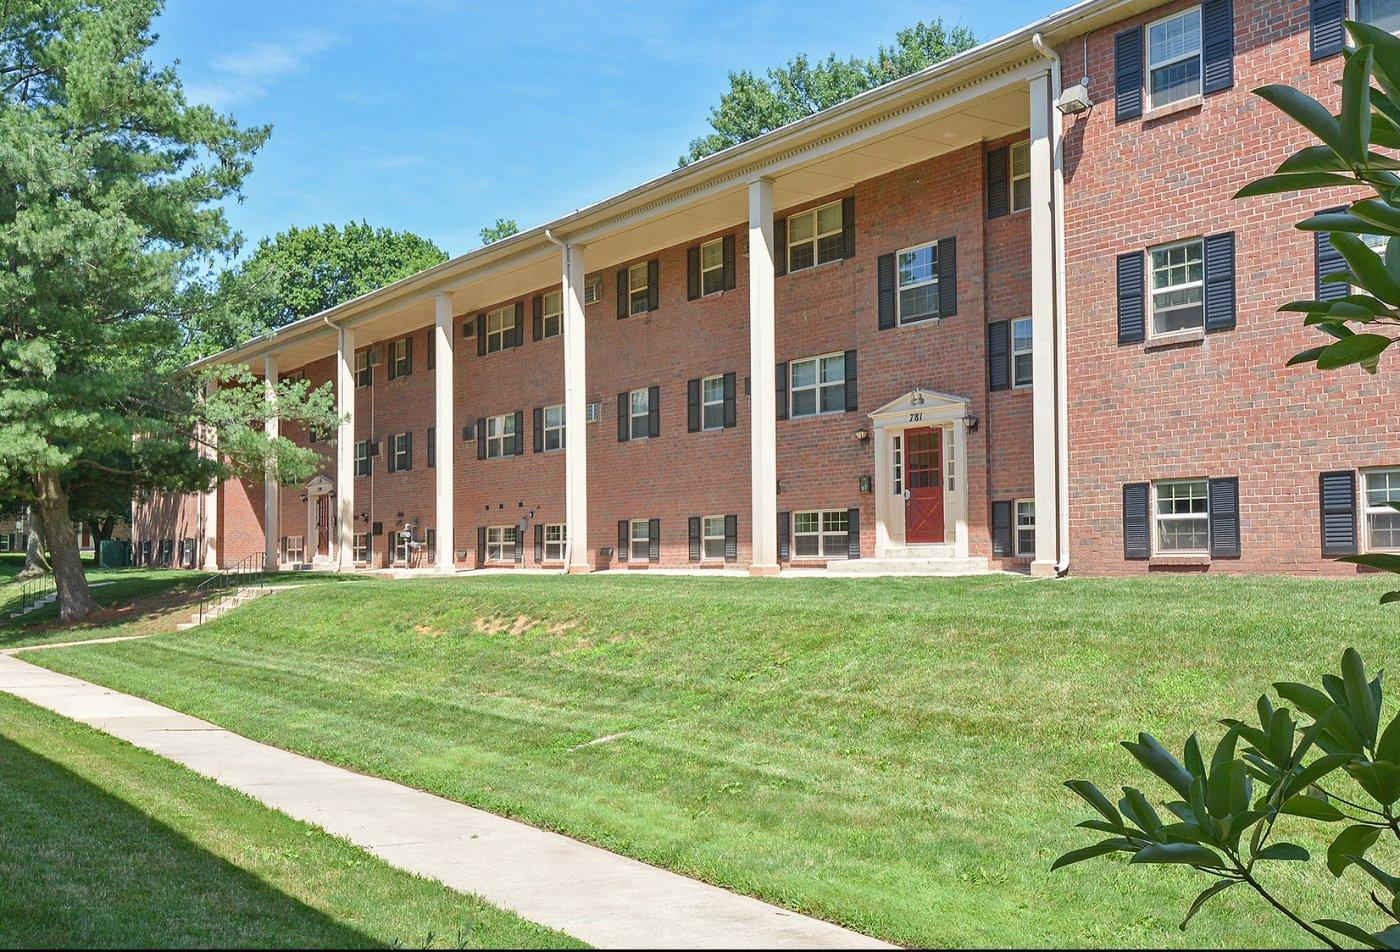 Apartments for rent in Claymont, DE | Naamans Village Apartments